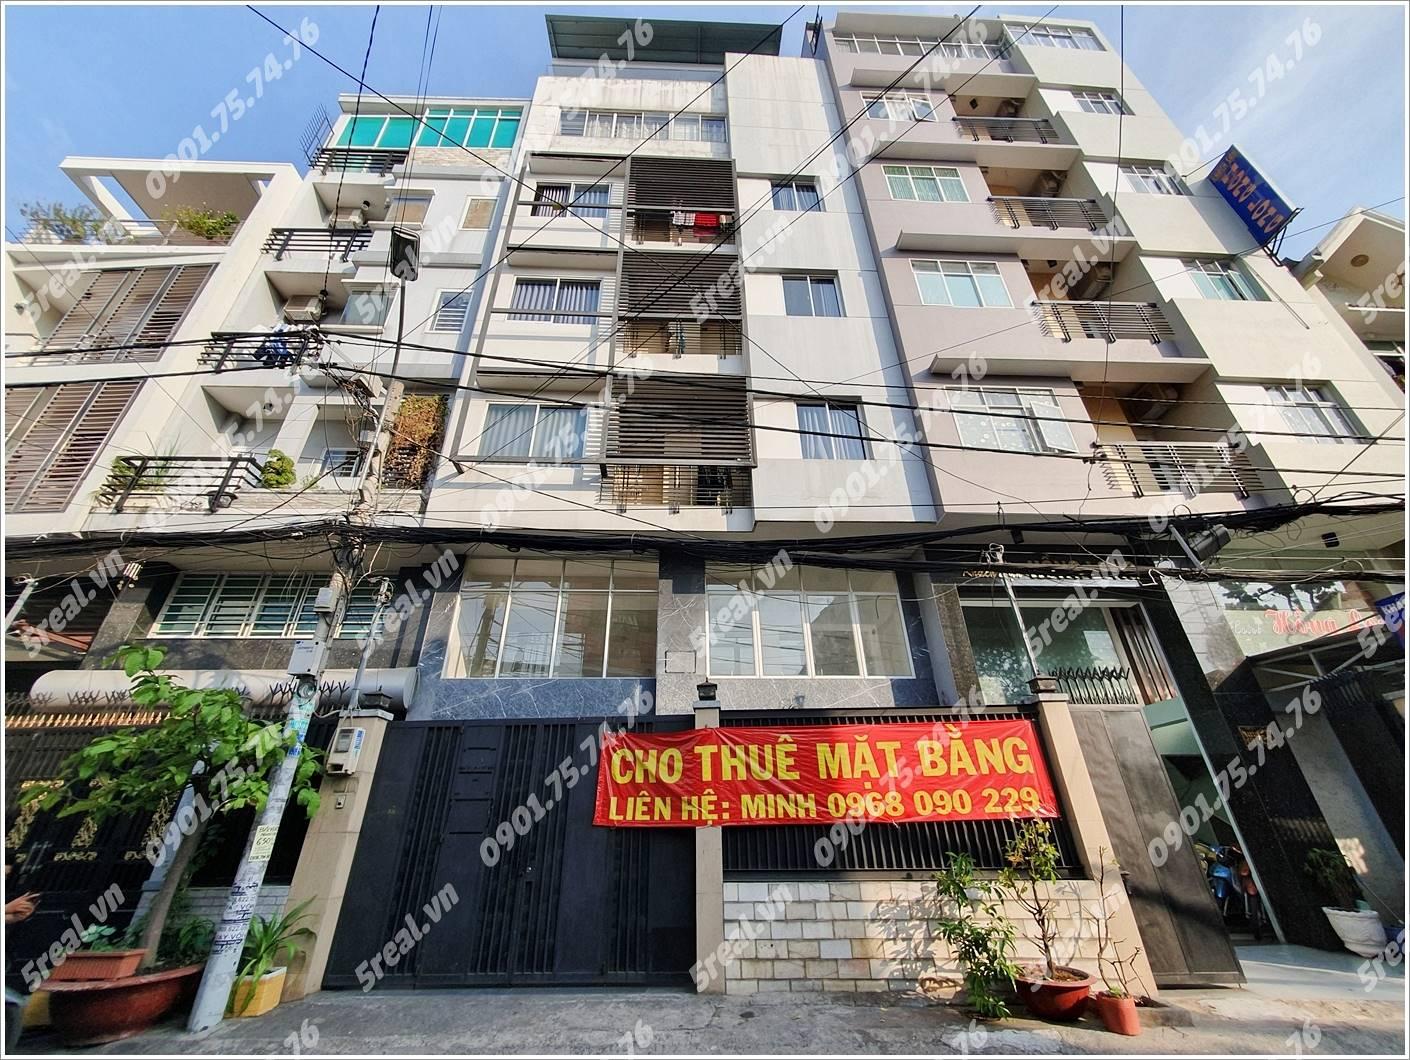 dong-nai-building-dong-nai-quan-10-van-phong-cho-thue-tphcm-5real.vn-01